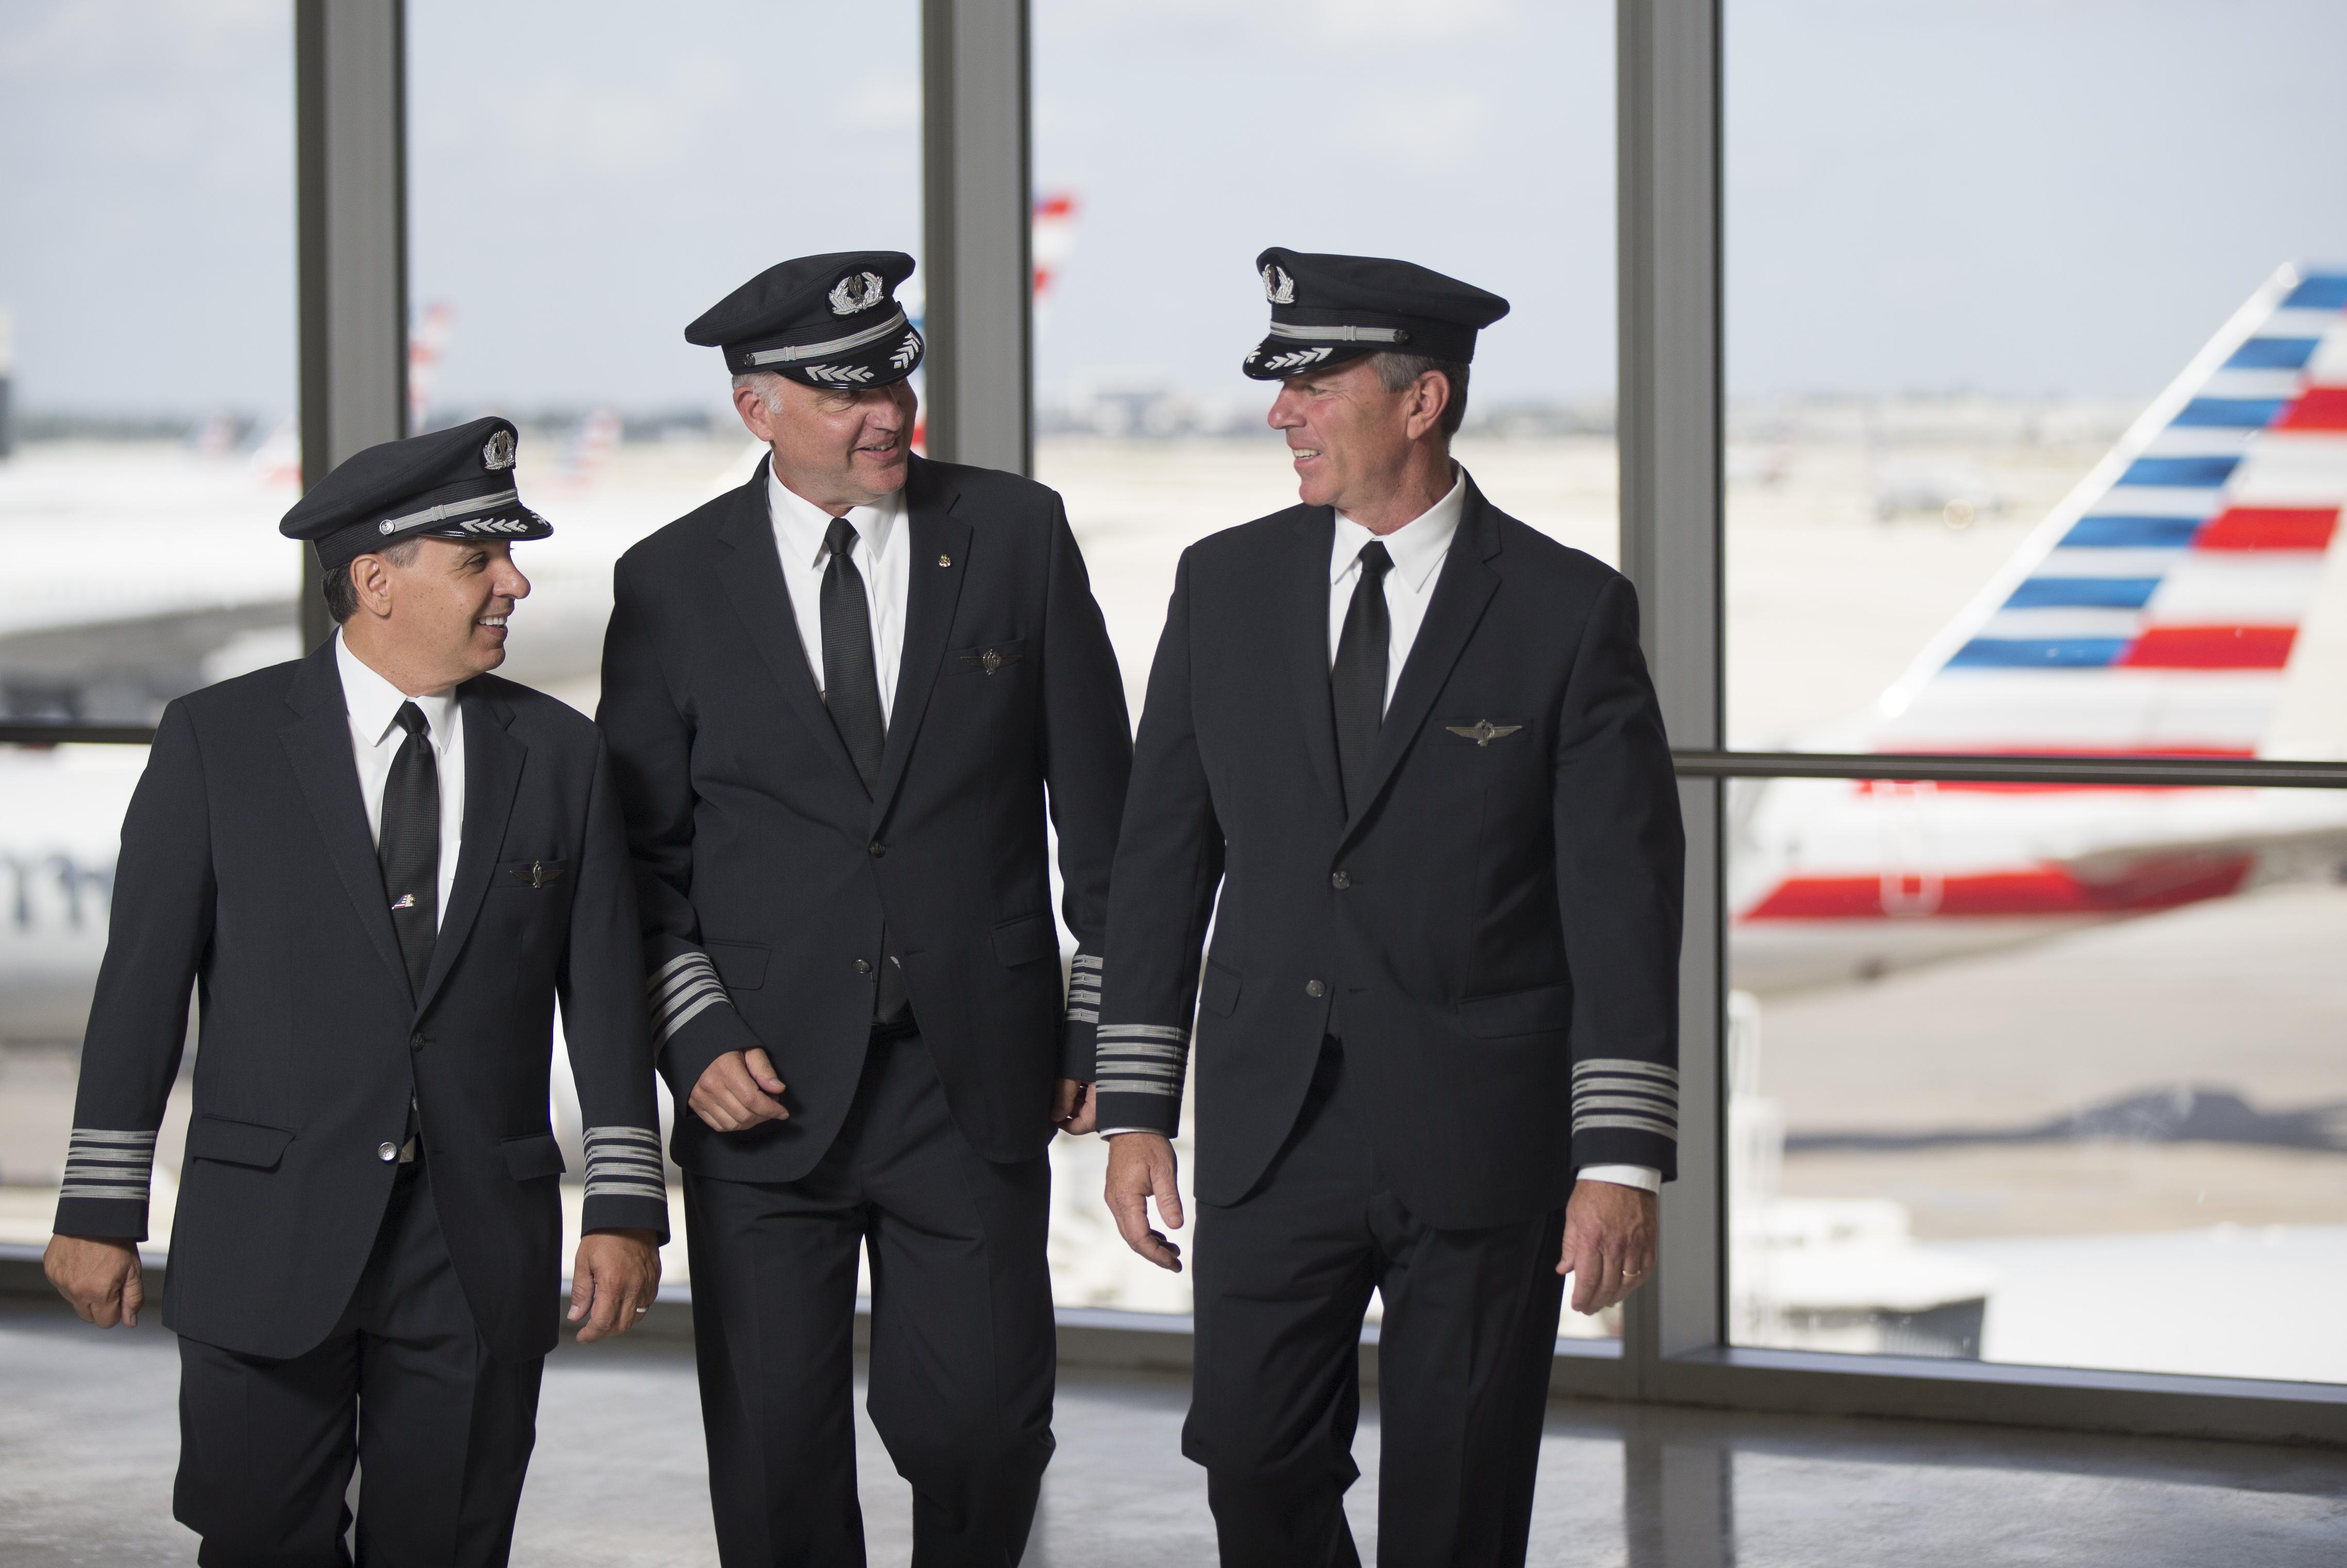 Også store American Airlines tilbyder nu sine rejseydelser gennem et samarbejde med Amadeus og erhvervsrejsebureauet American Express Global Business Travel. Pressefoto: American Airlines, Brandon Wade.